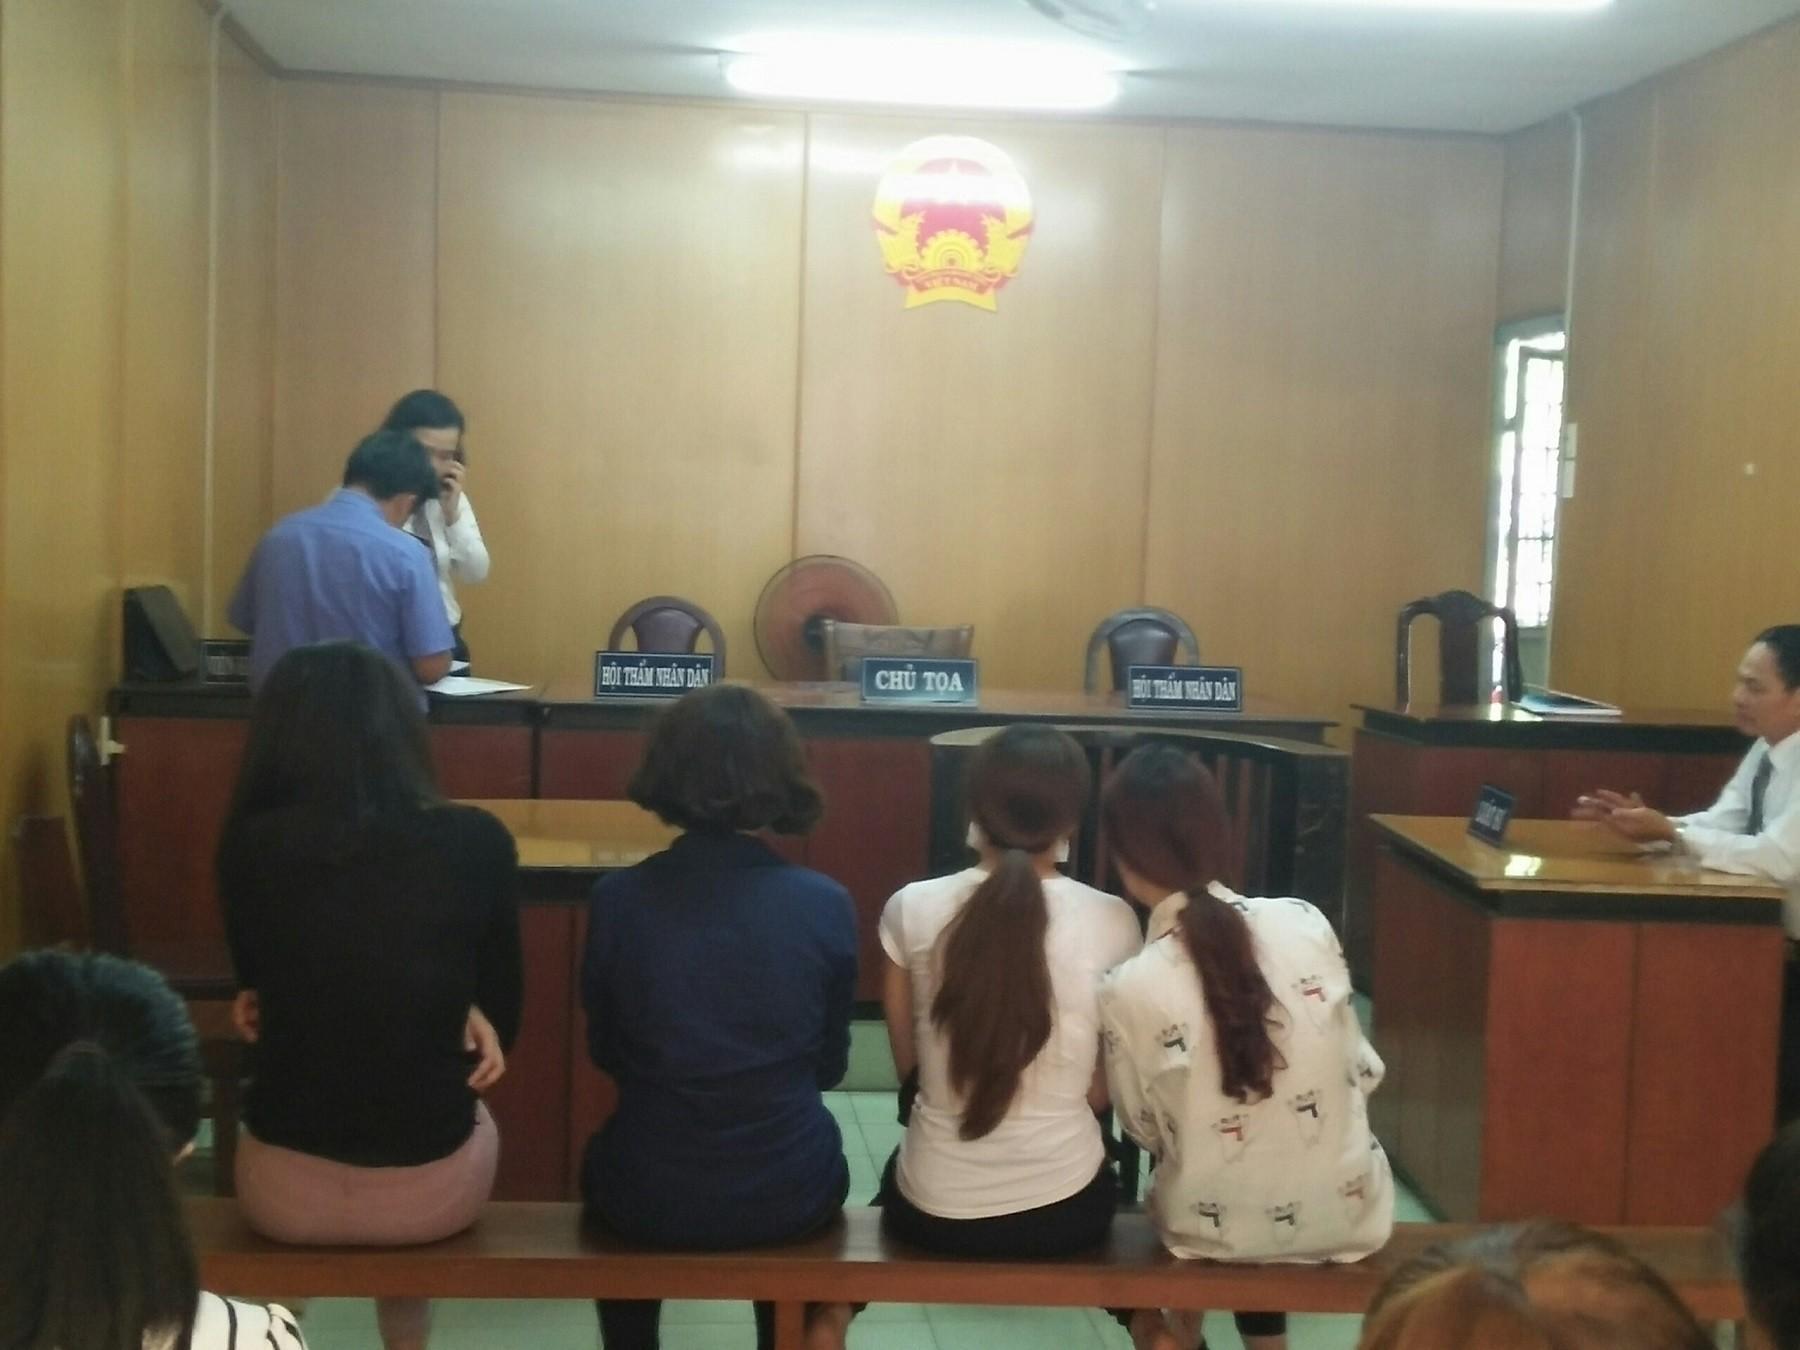 Pháp luật - Bốn 'hotgirl' môi giới cho đồng nghiệp bán dâm lĩnh án